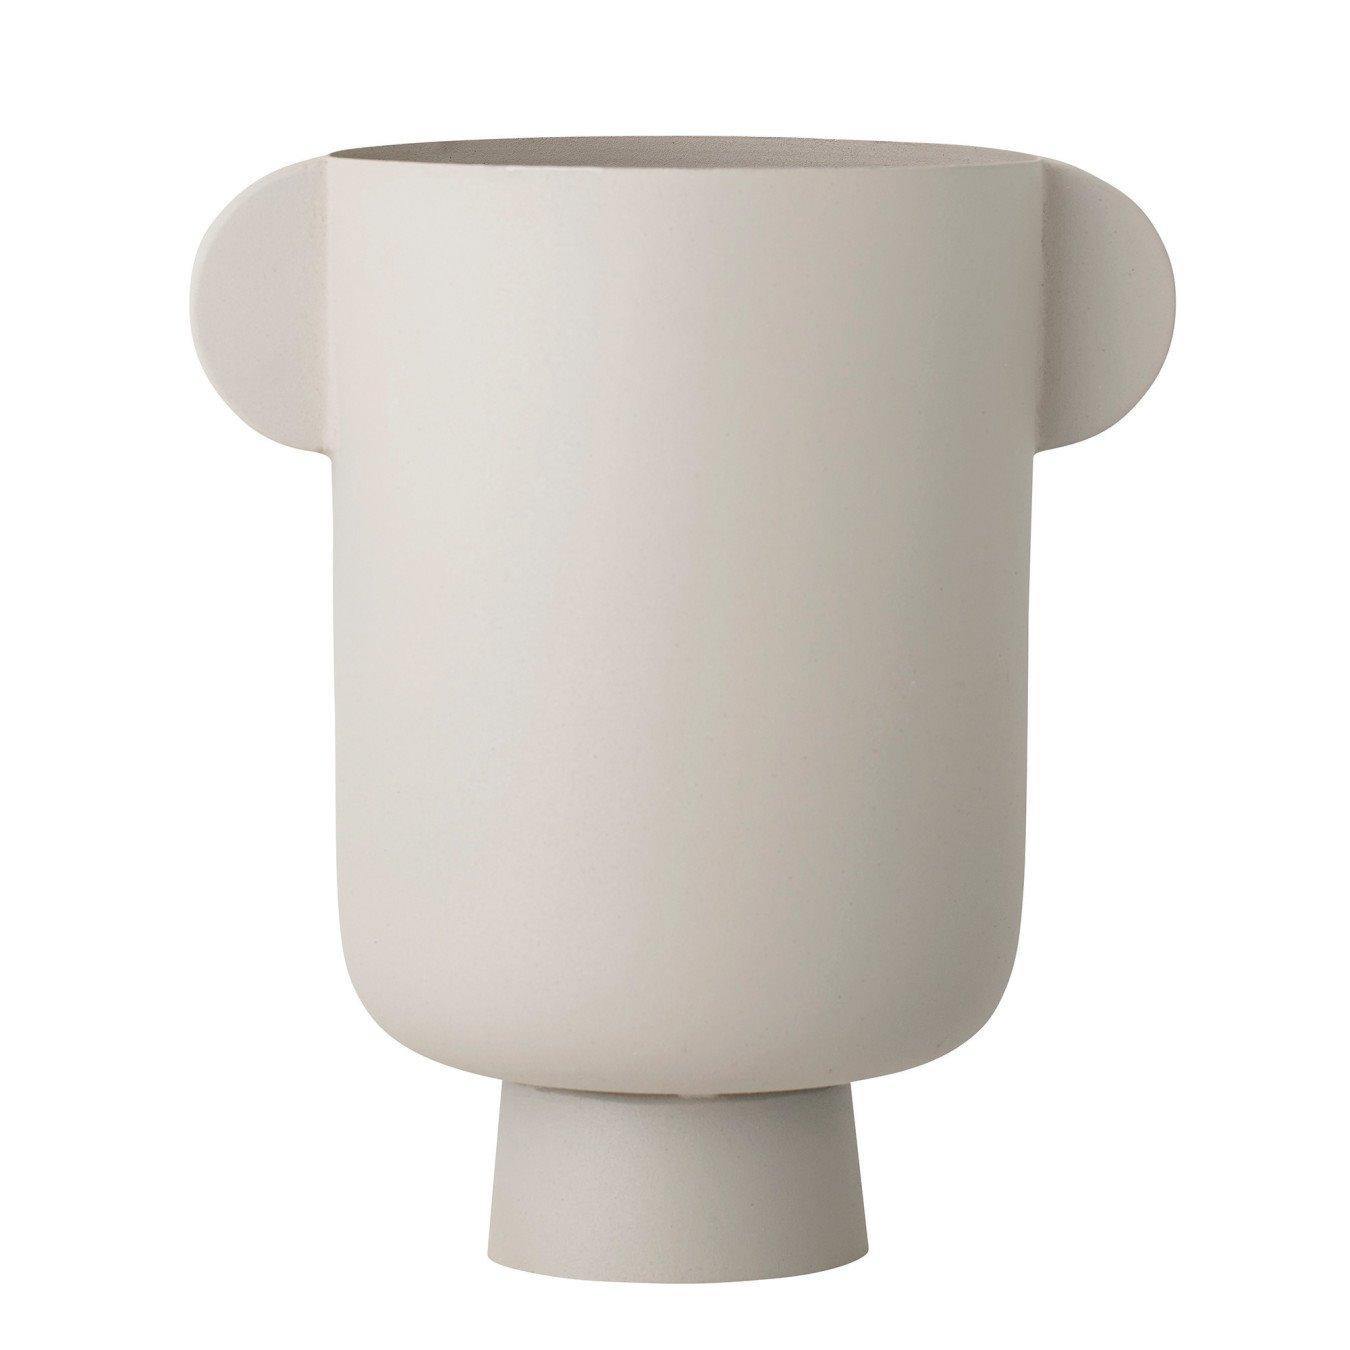 Matte Beige Metal Vase w/ Handles